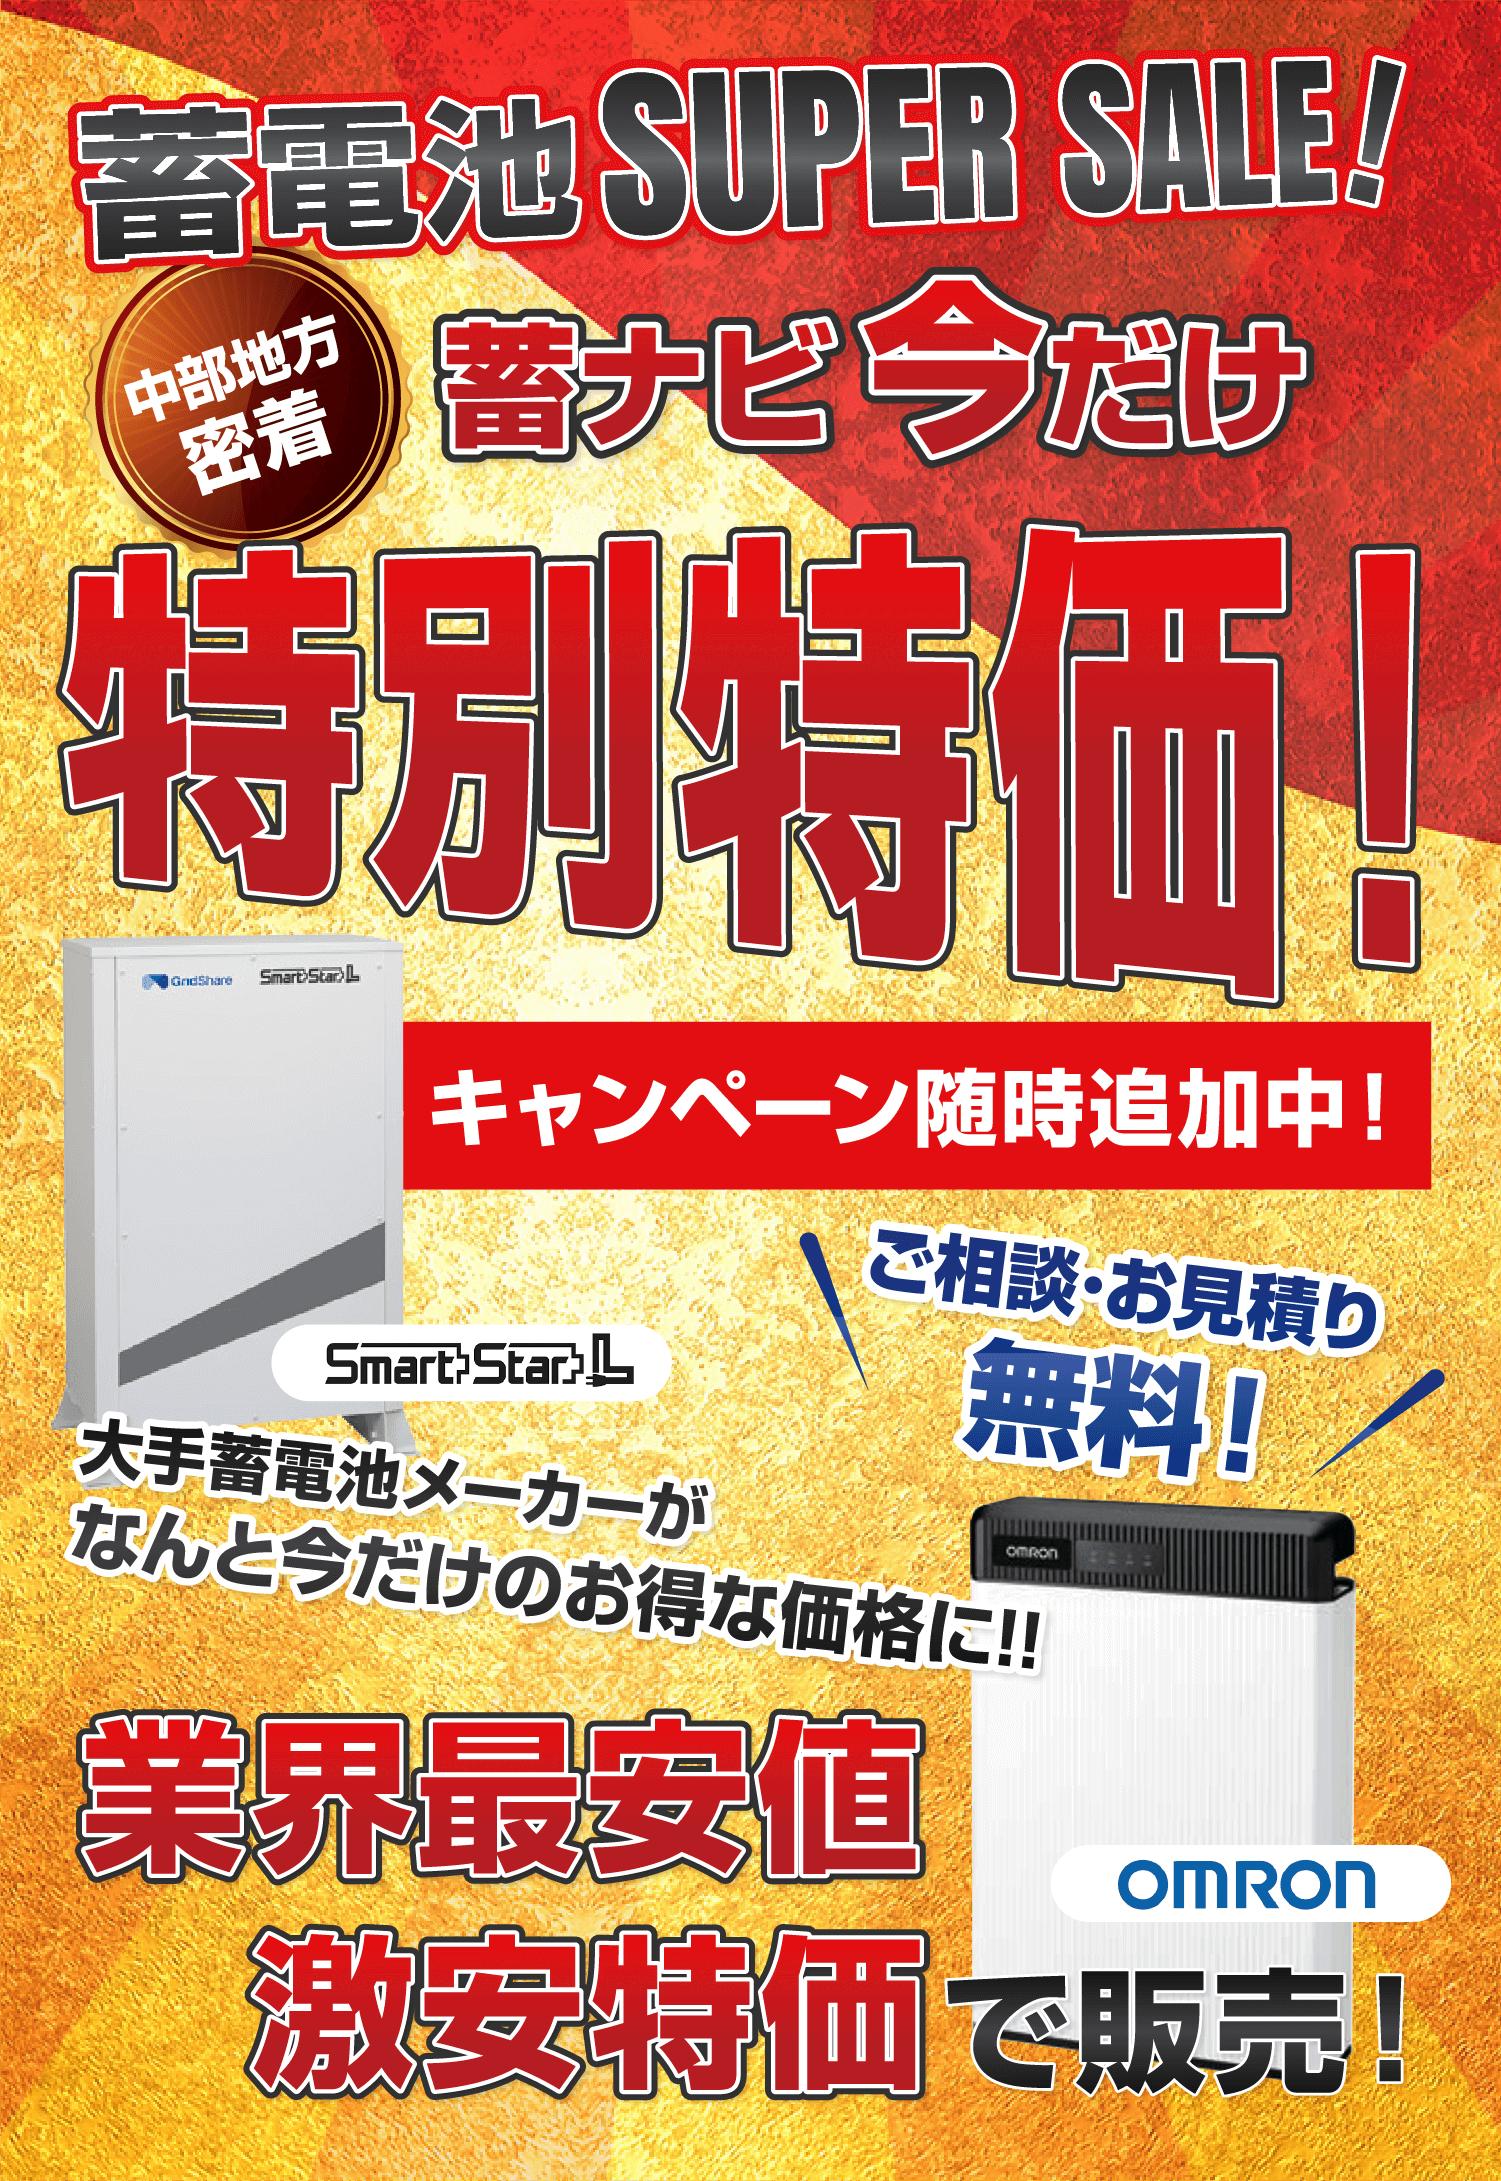 中部地方密着蓄電池SUPER SALE!蓄ナビ今だけ特別特価!